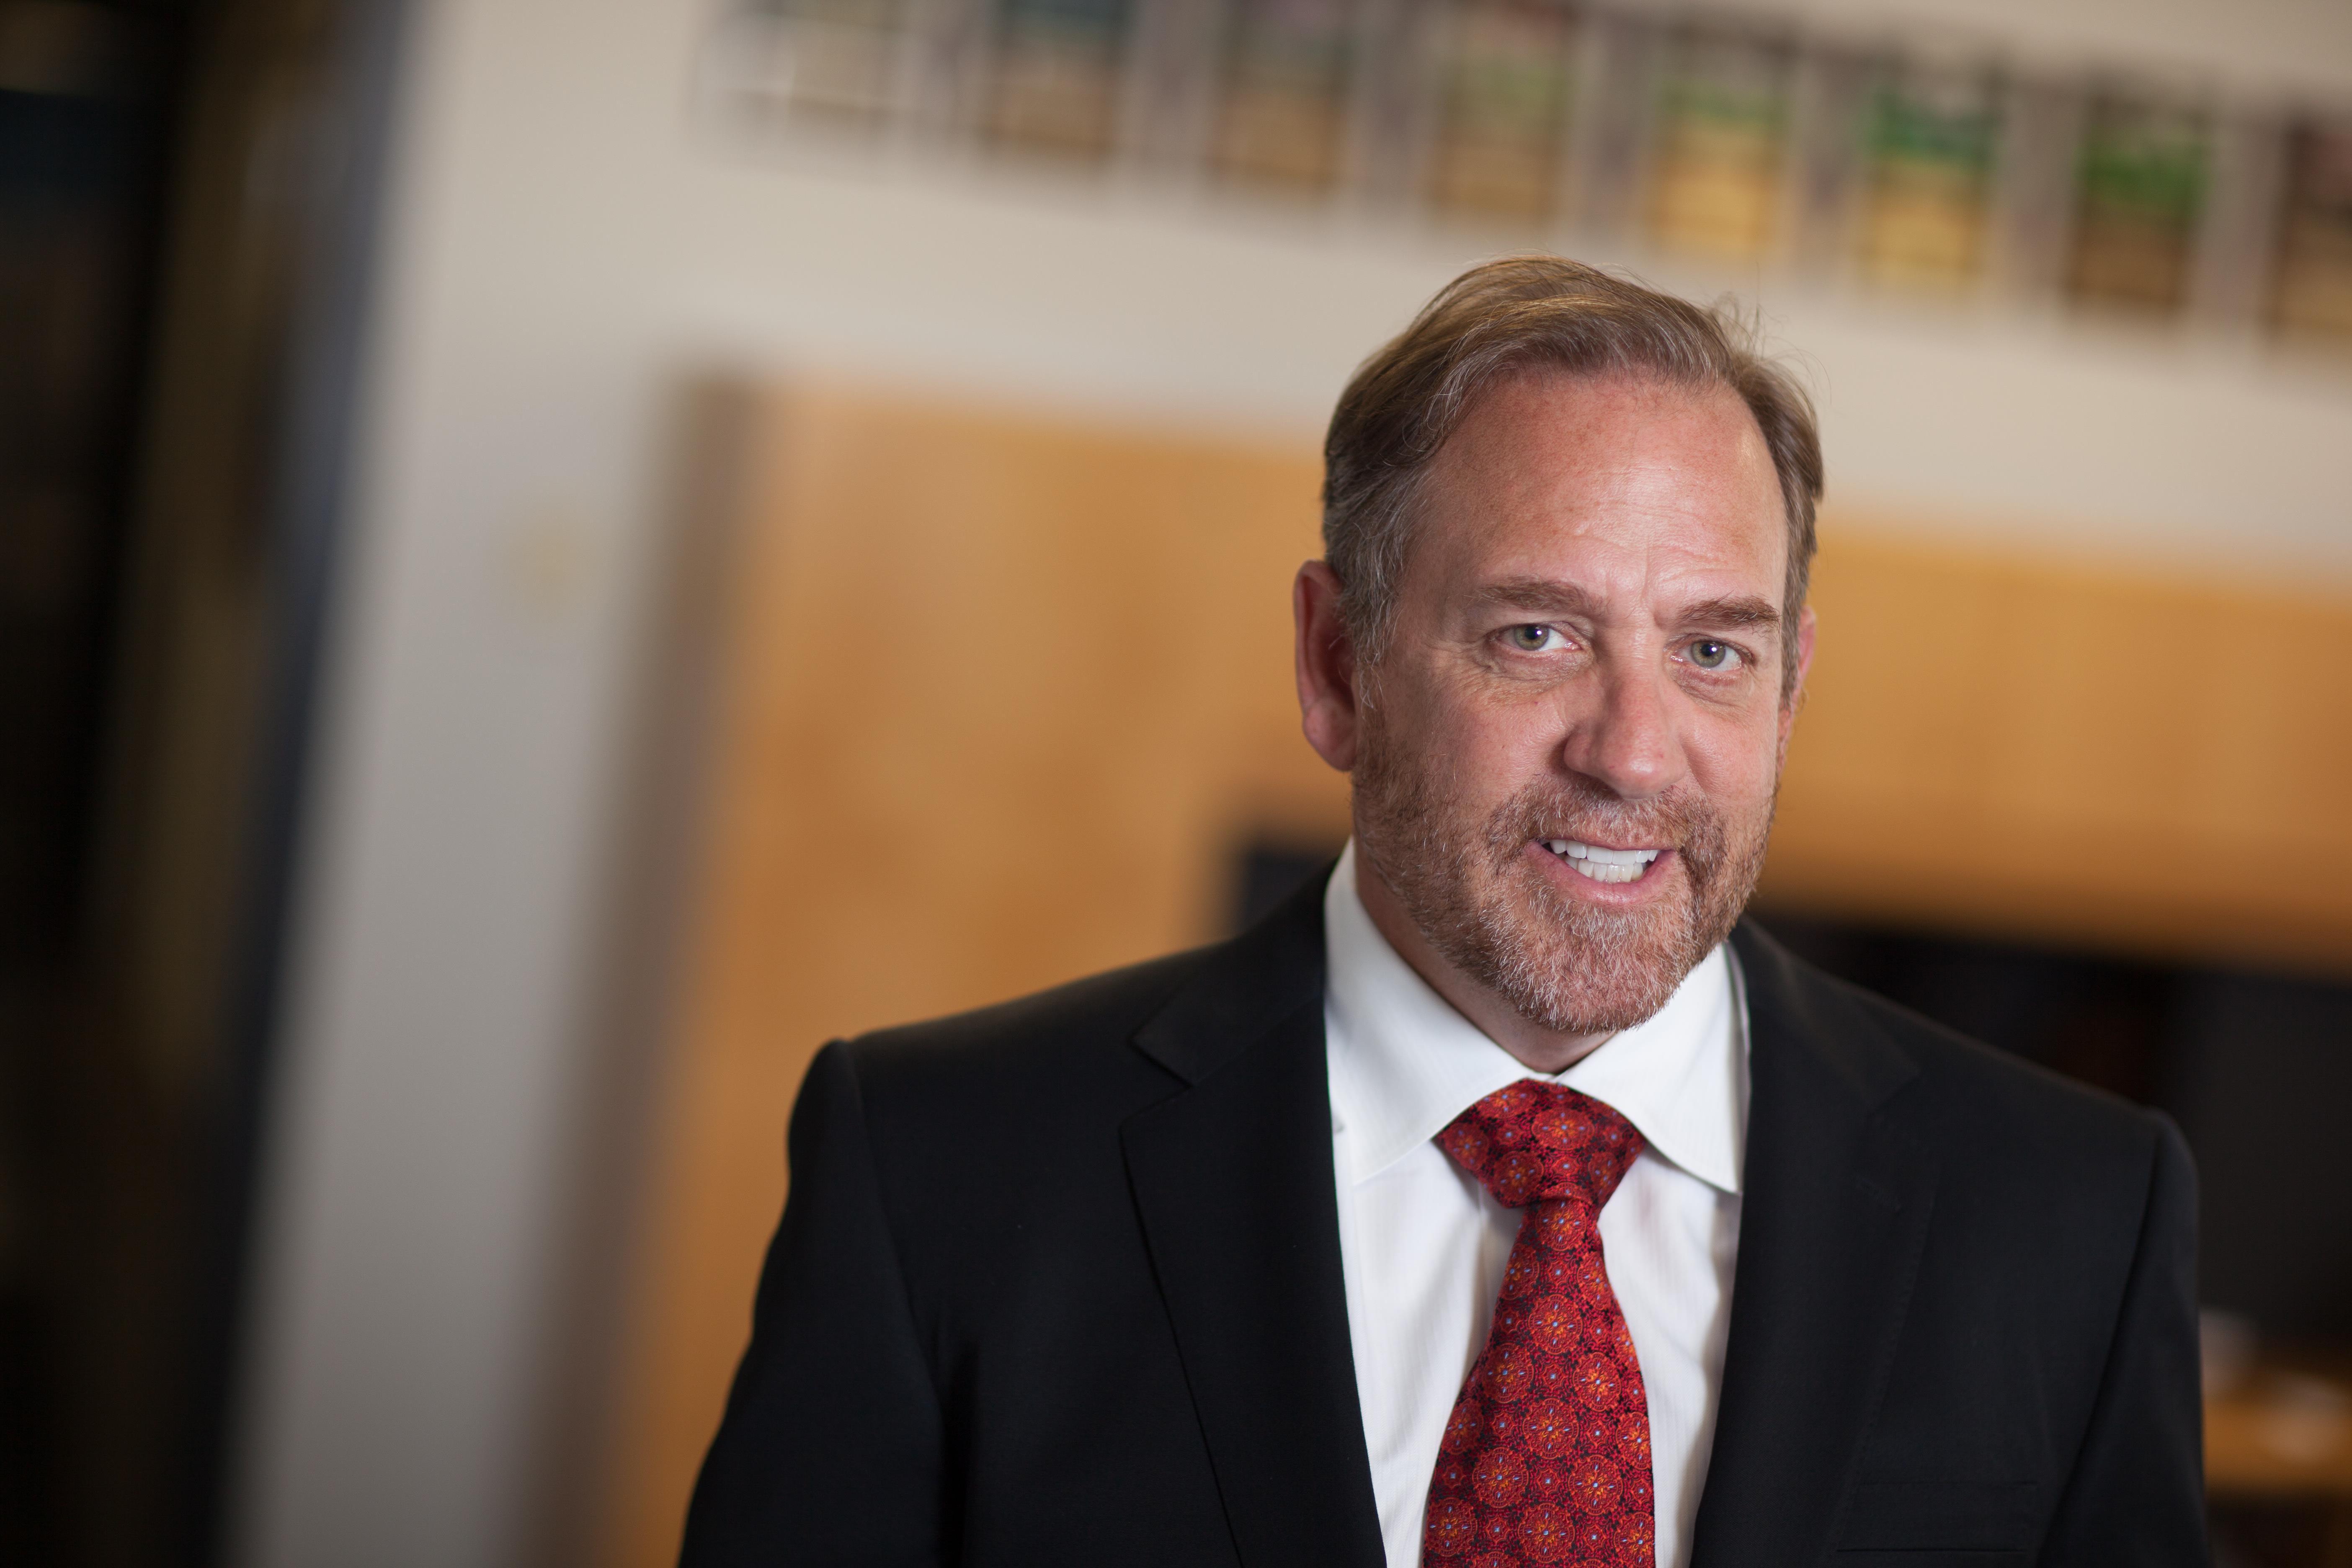 Gregg Ontiveros